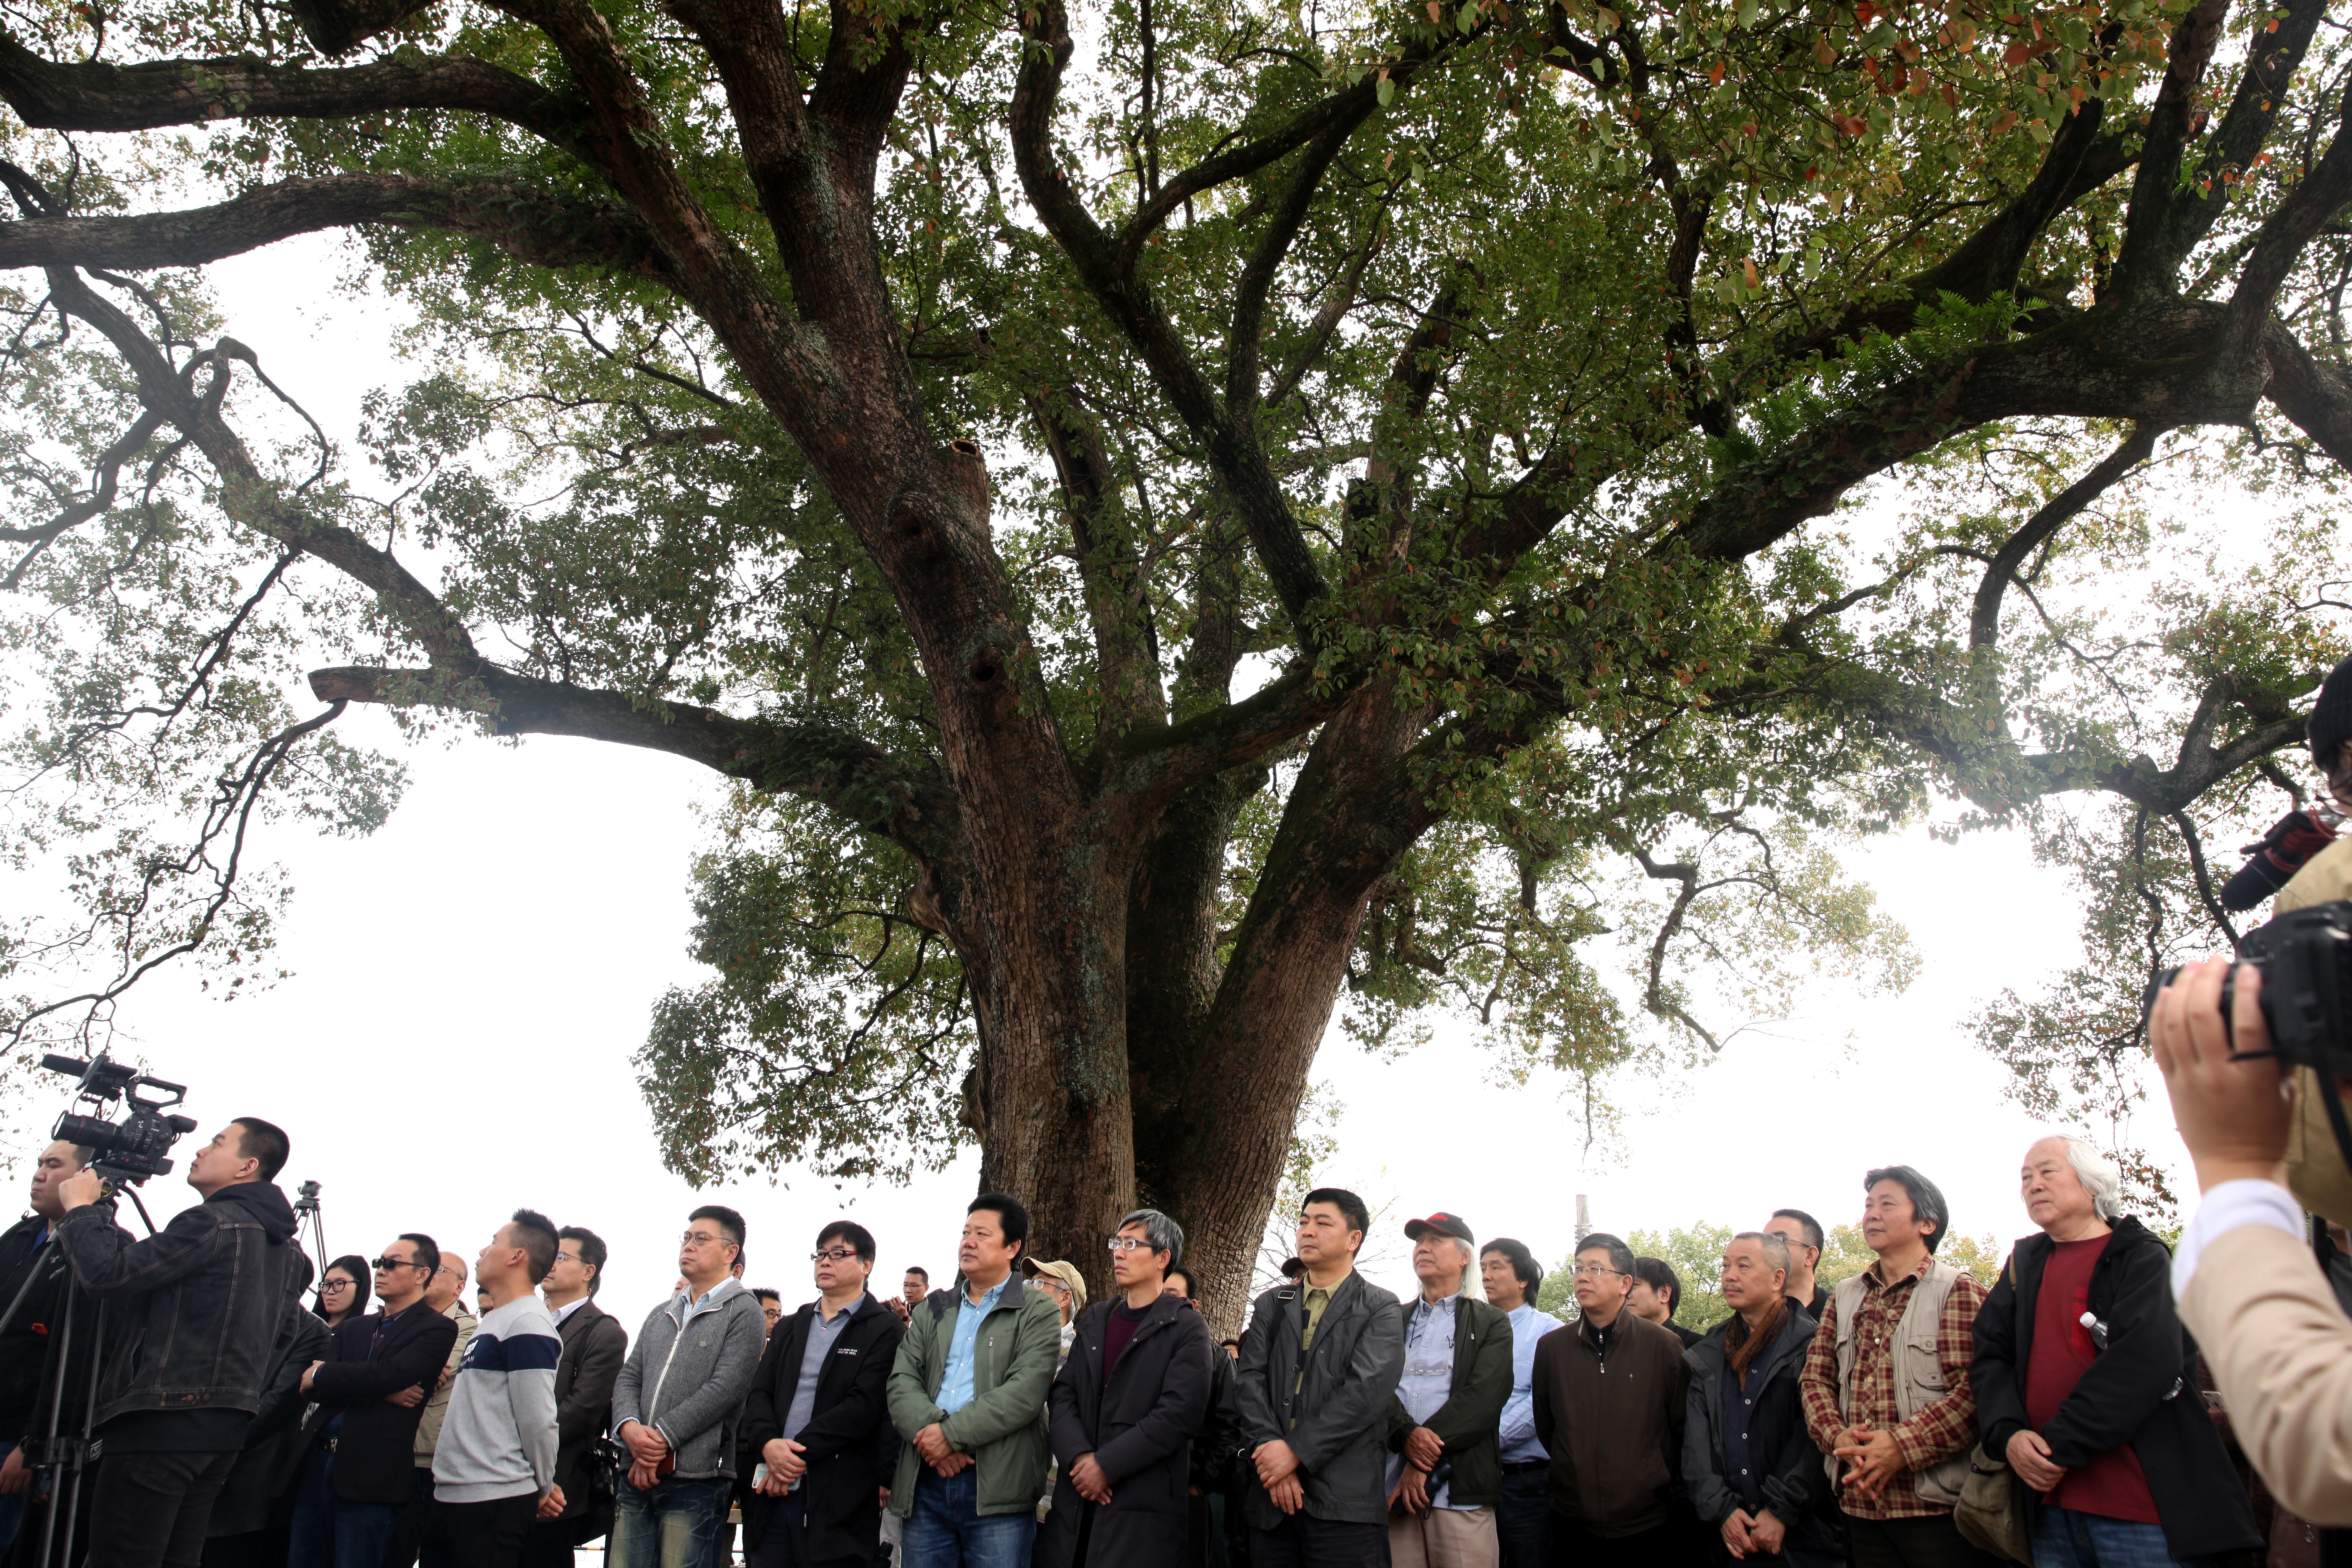 """古堰画乡是""""丽水巴比松油画""""的发祥地、""""中国摄影之乡""""的主要创作基地,每年接待写生创作人数超15万人"""